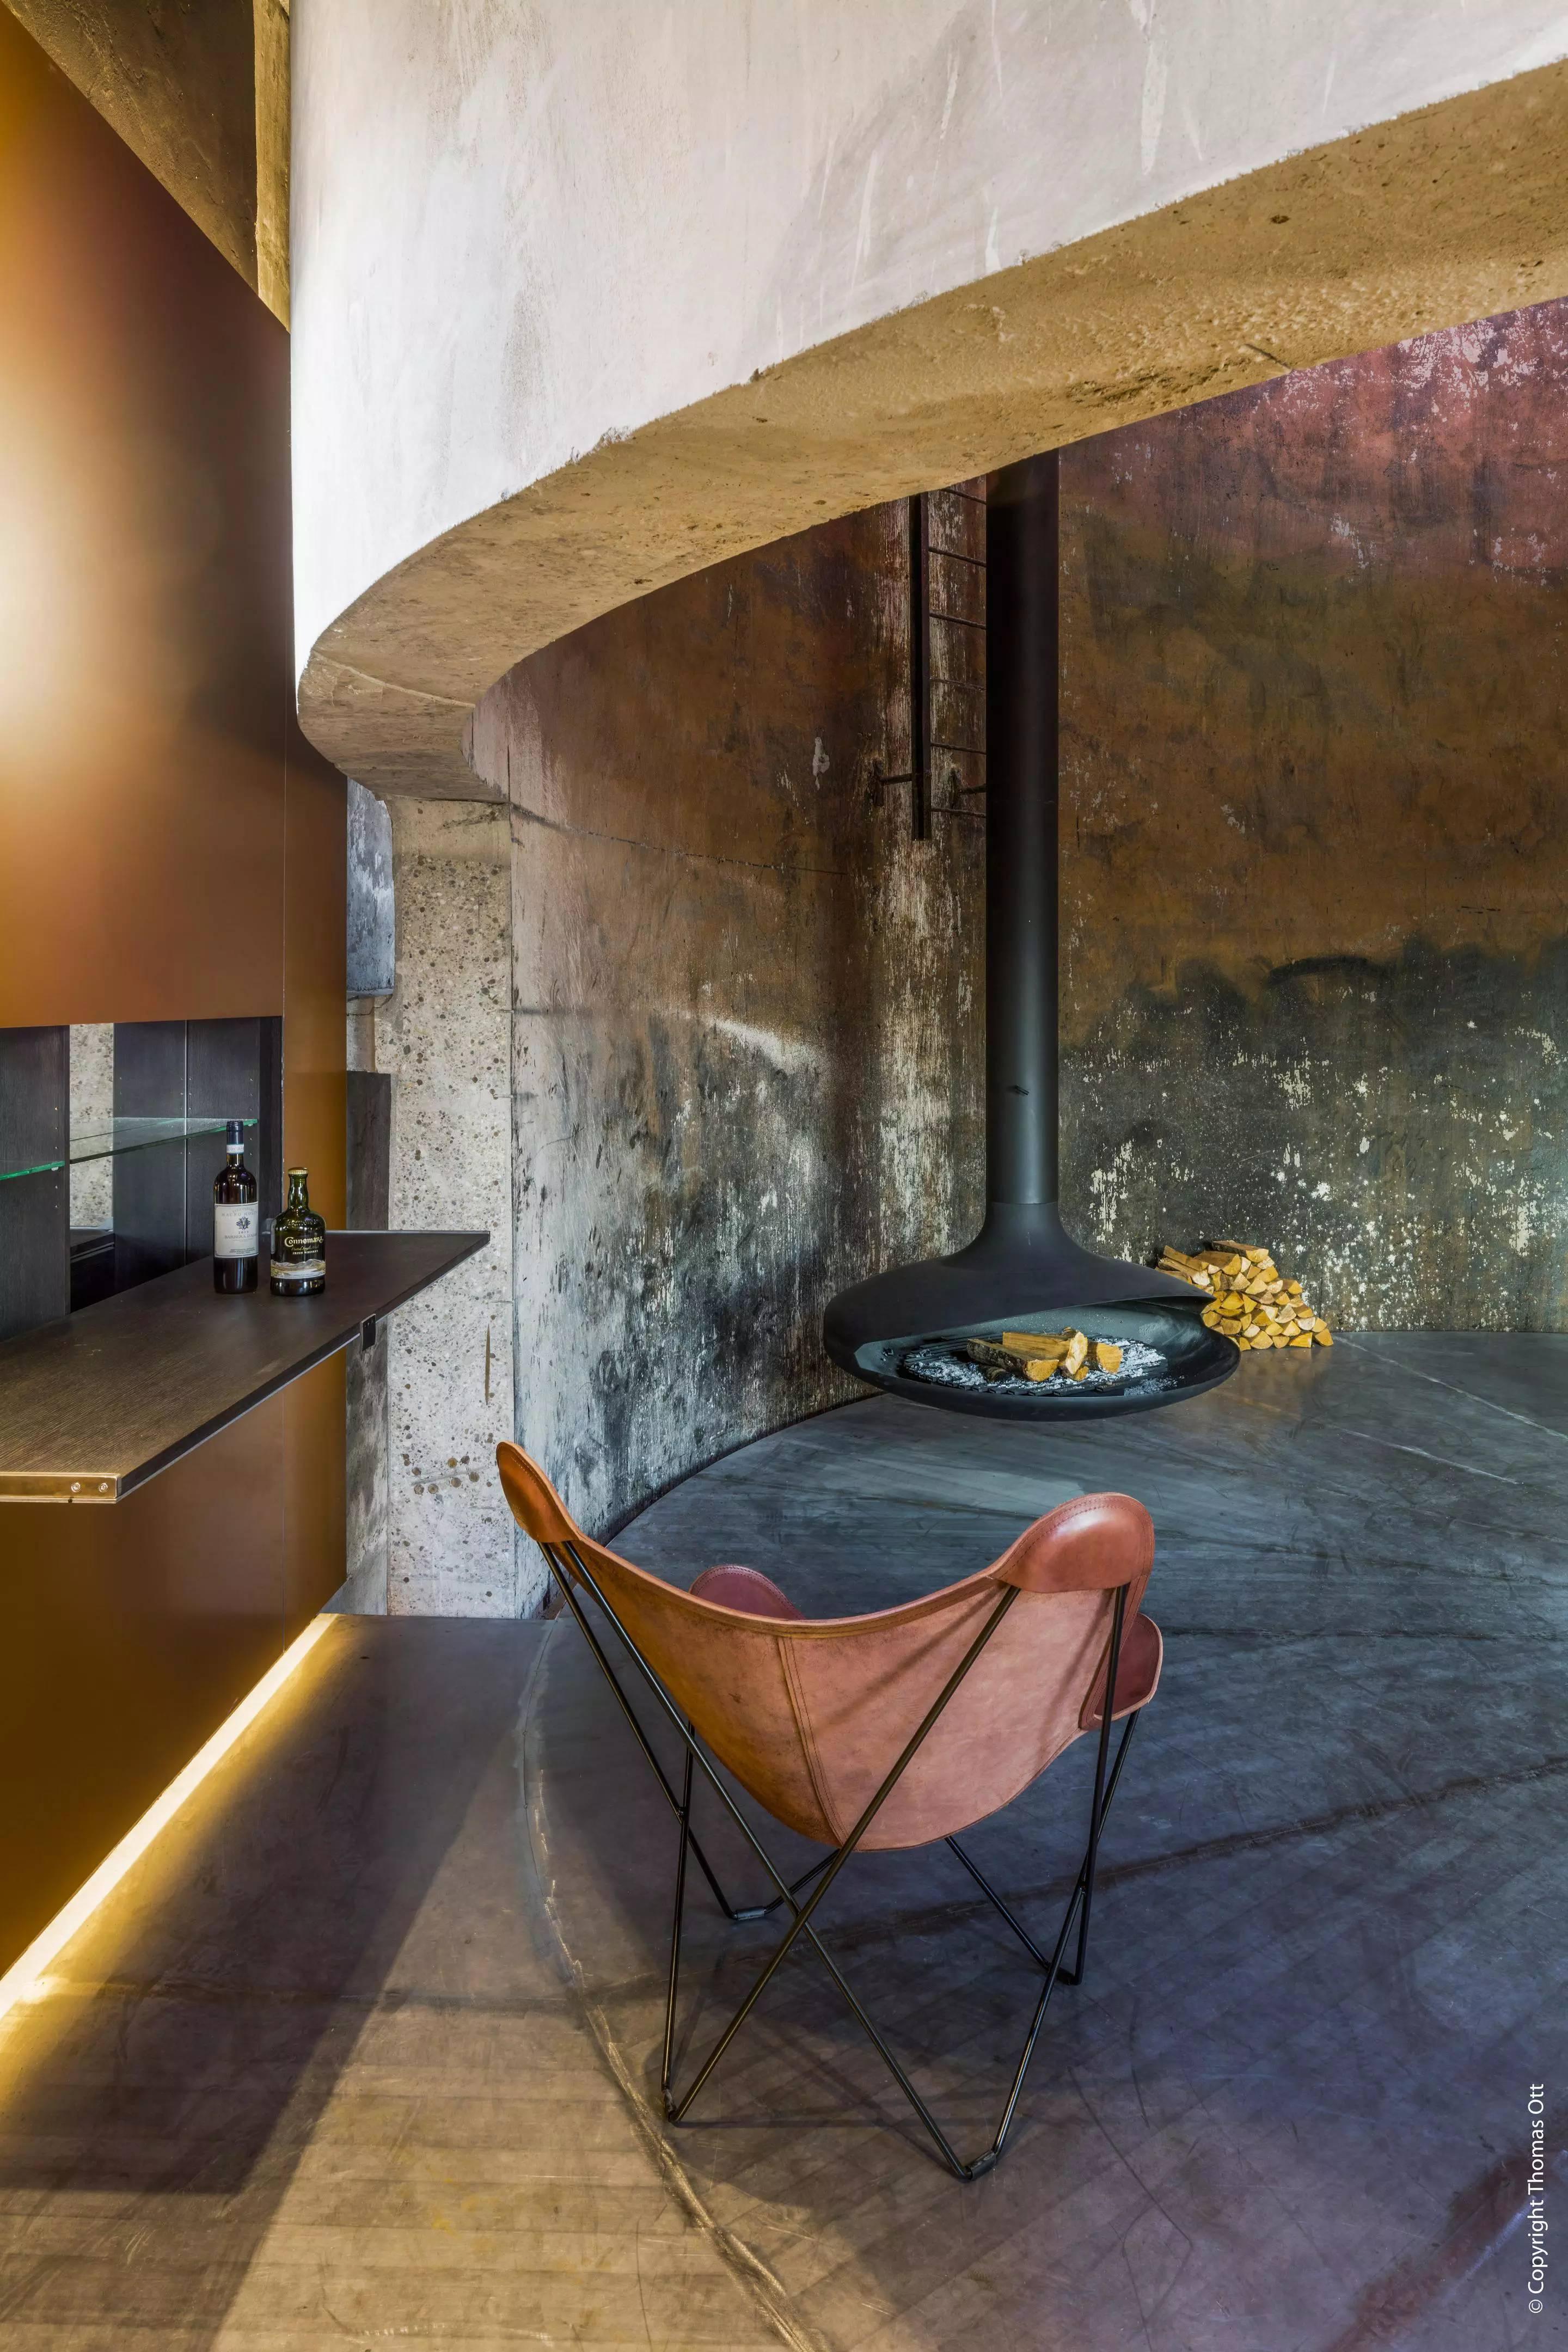 tankturm kultur wirtschaft werk. Black Bedroom Furniture Sets. Home Design Ideas